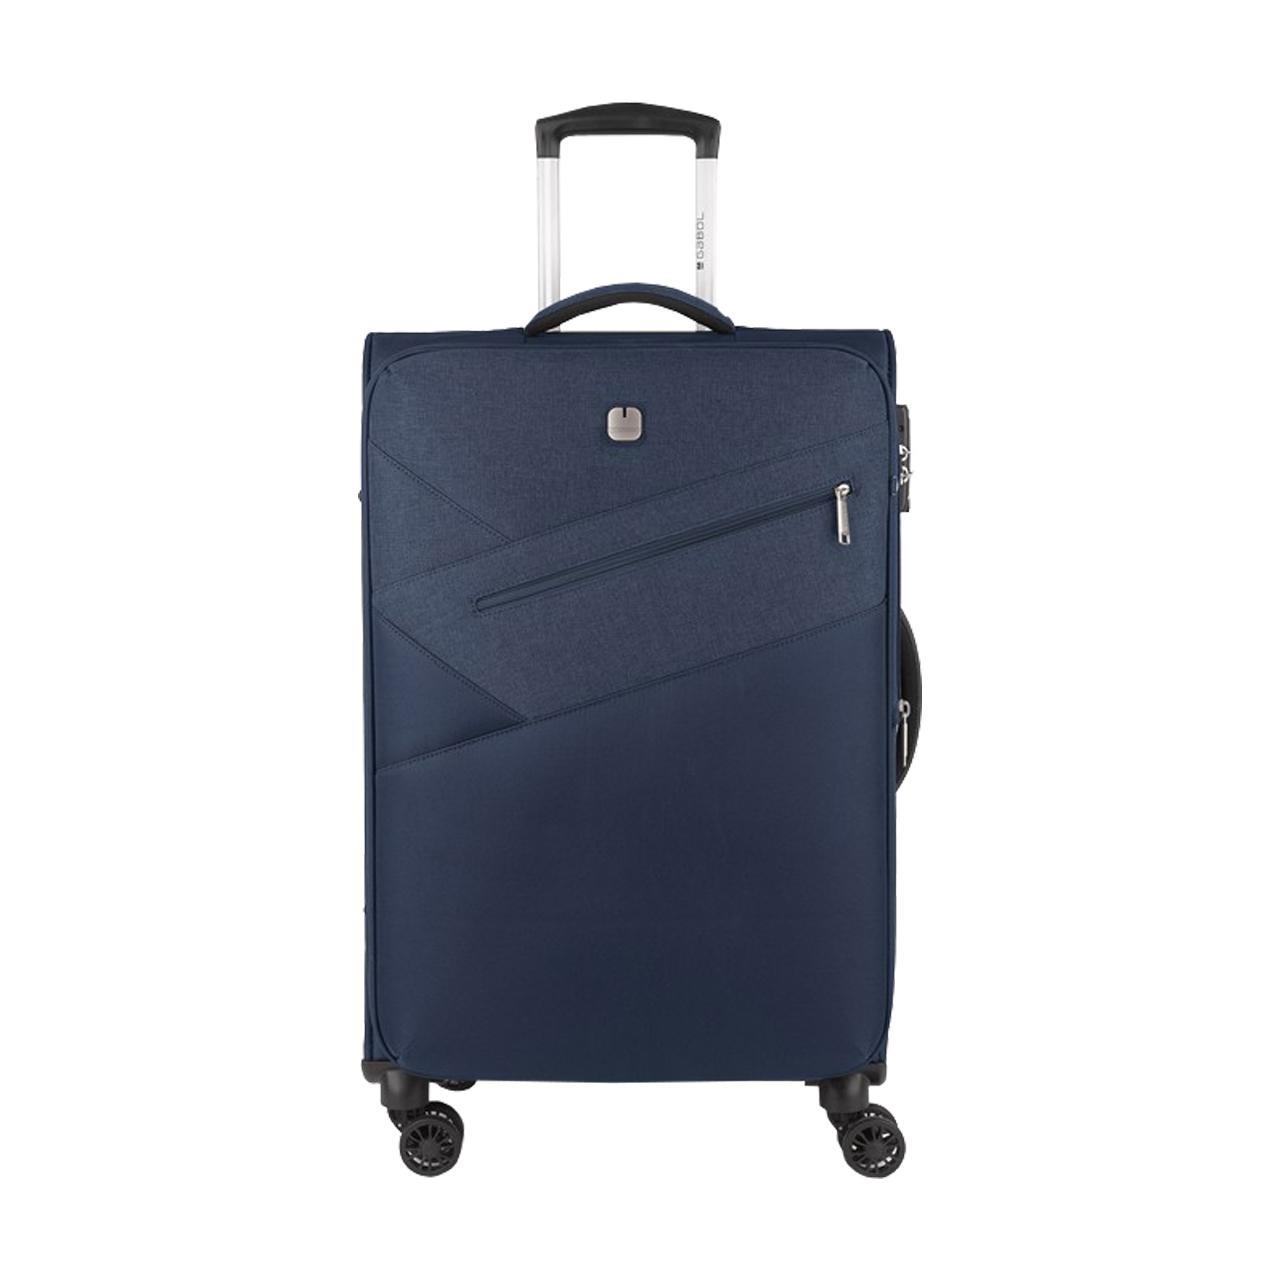 خرید                                      چمدان گابل مدل Mailer 120746  سایز متوسط